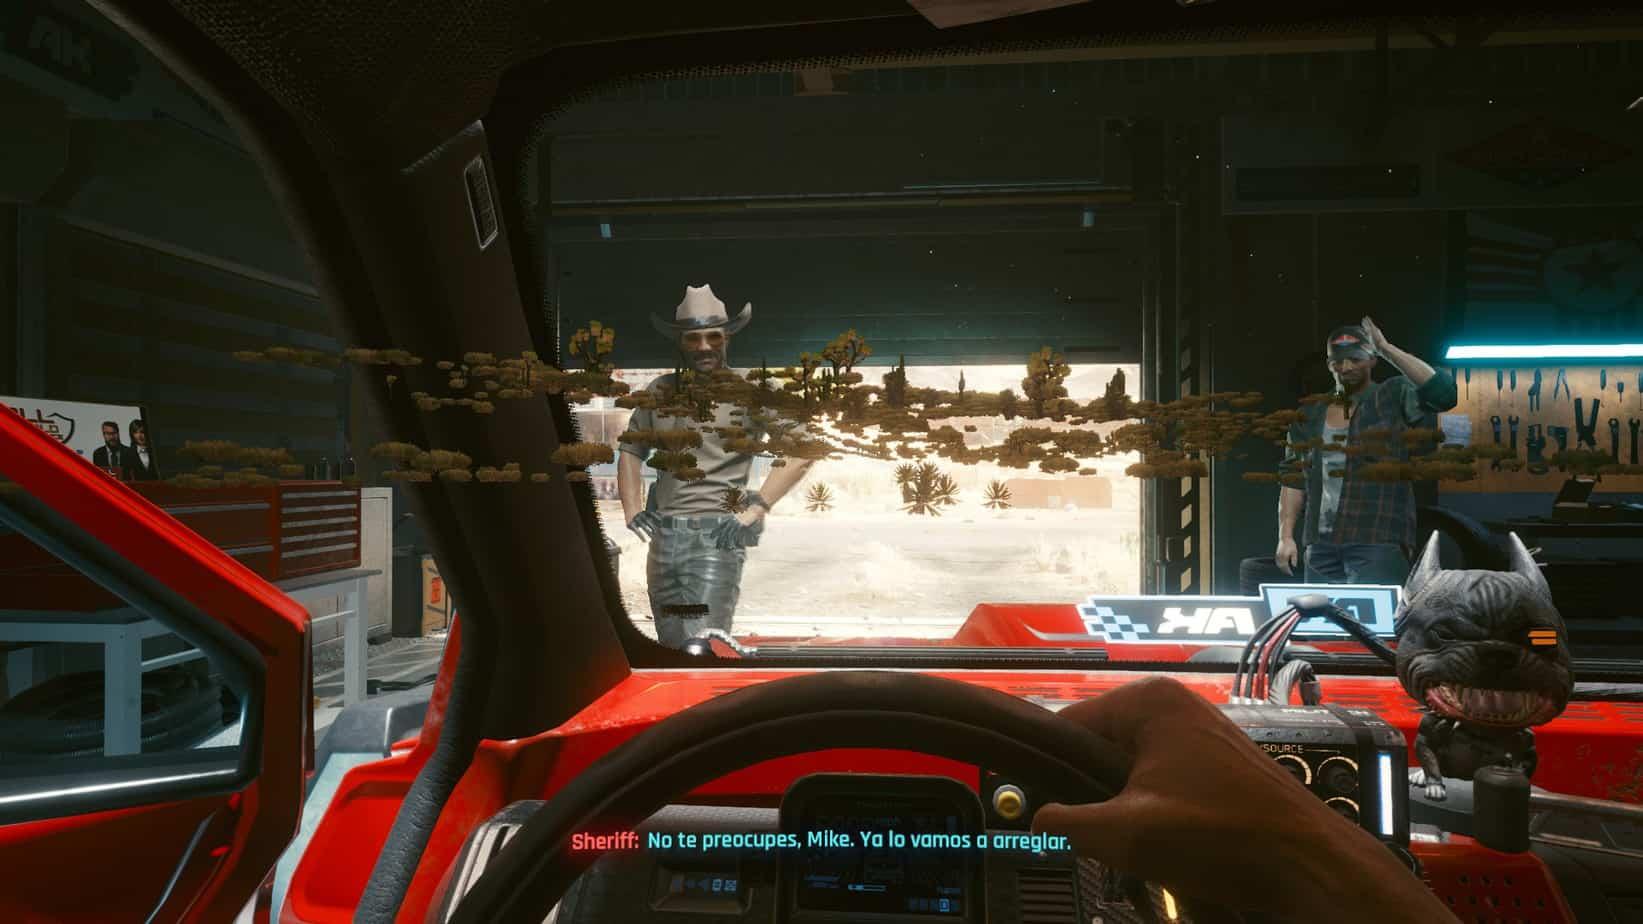 开发者认为《赛博朋克2077》需要到2022年才能完成